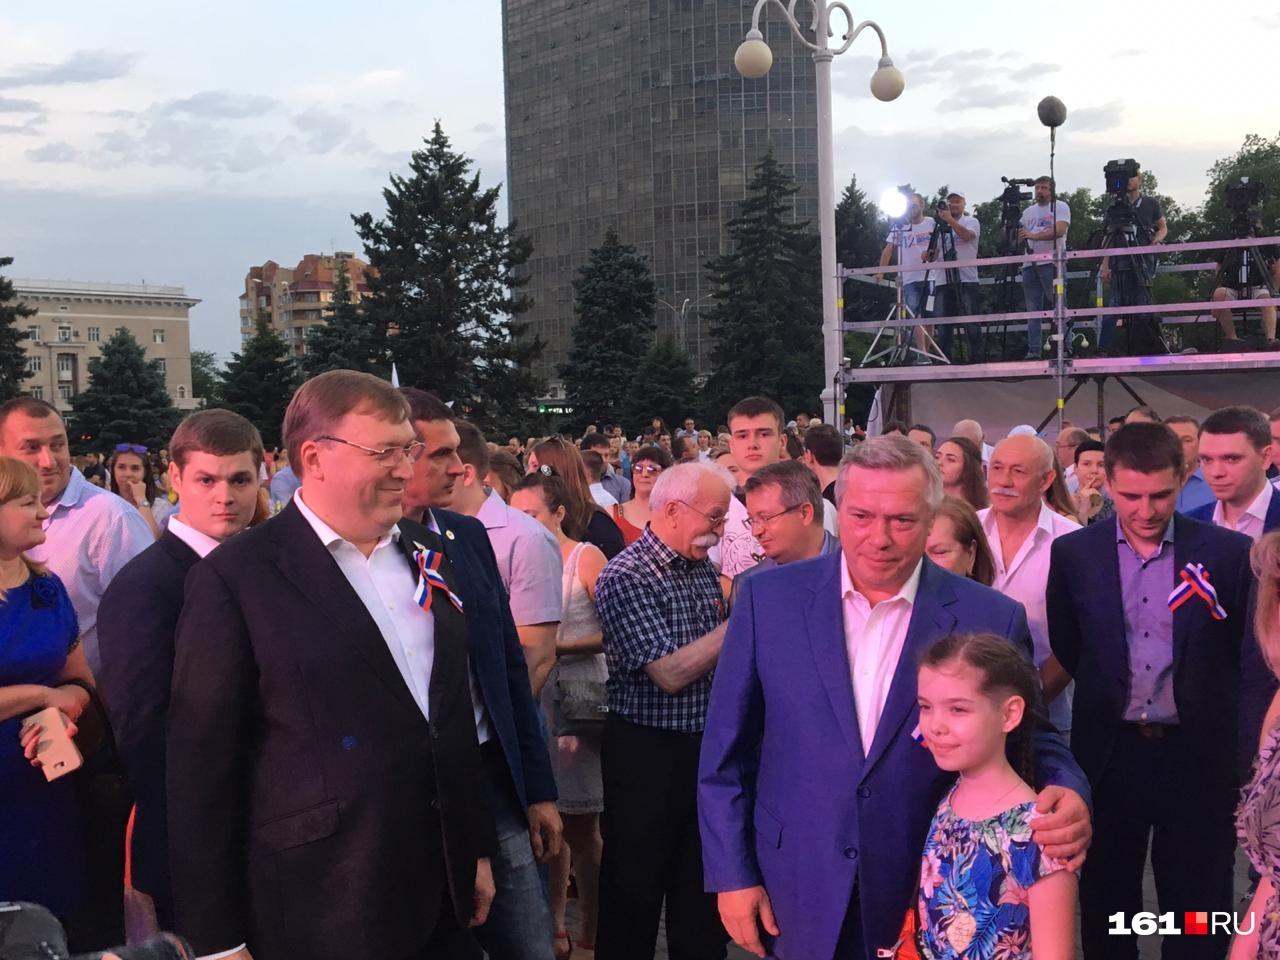 Вечером на Театральную площадь прибыли глава региона Василий Голубев и председатель Заксобрания Ростовской области Александр Ищенко